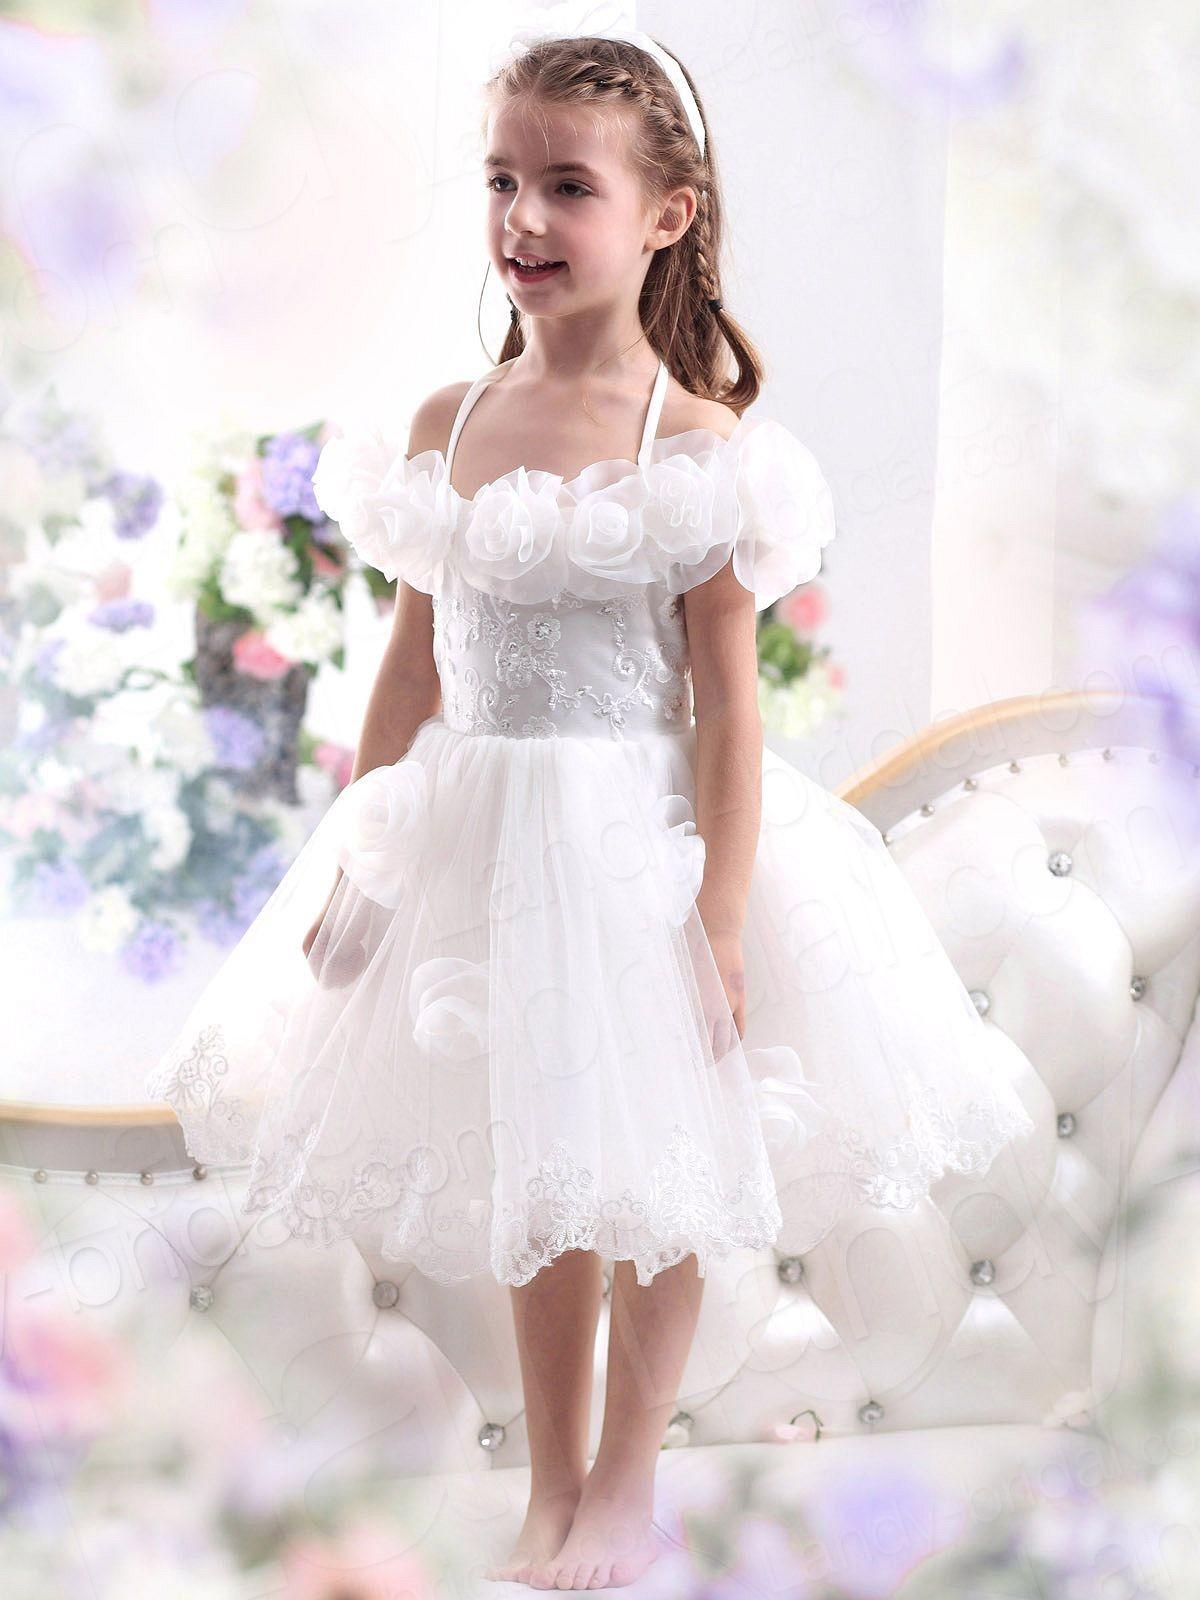 Günstige Hochzeitskleider Online Blog: Blumenmädchenkleider